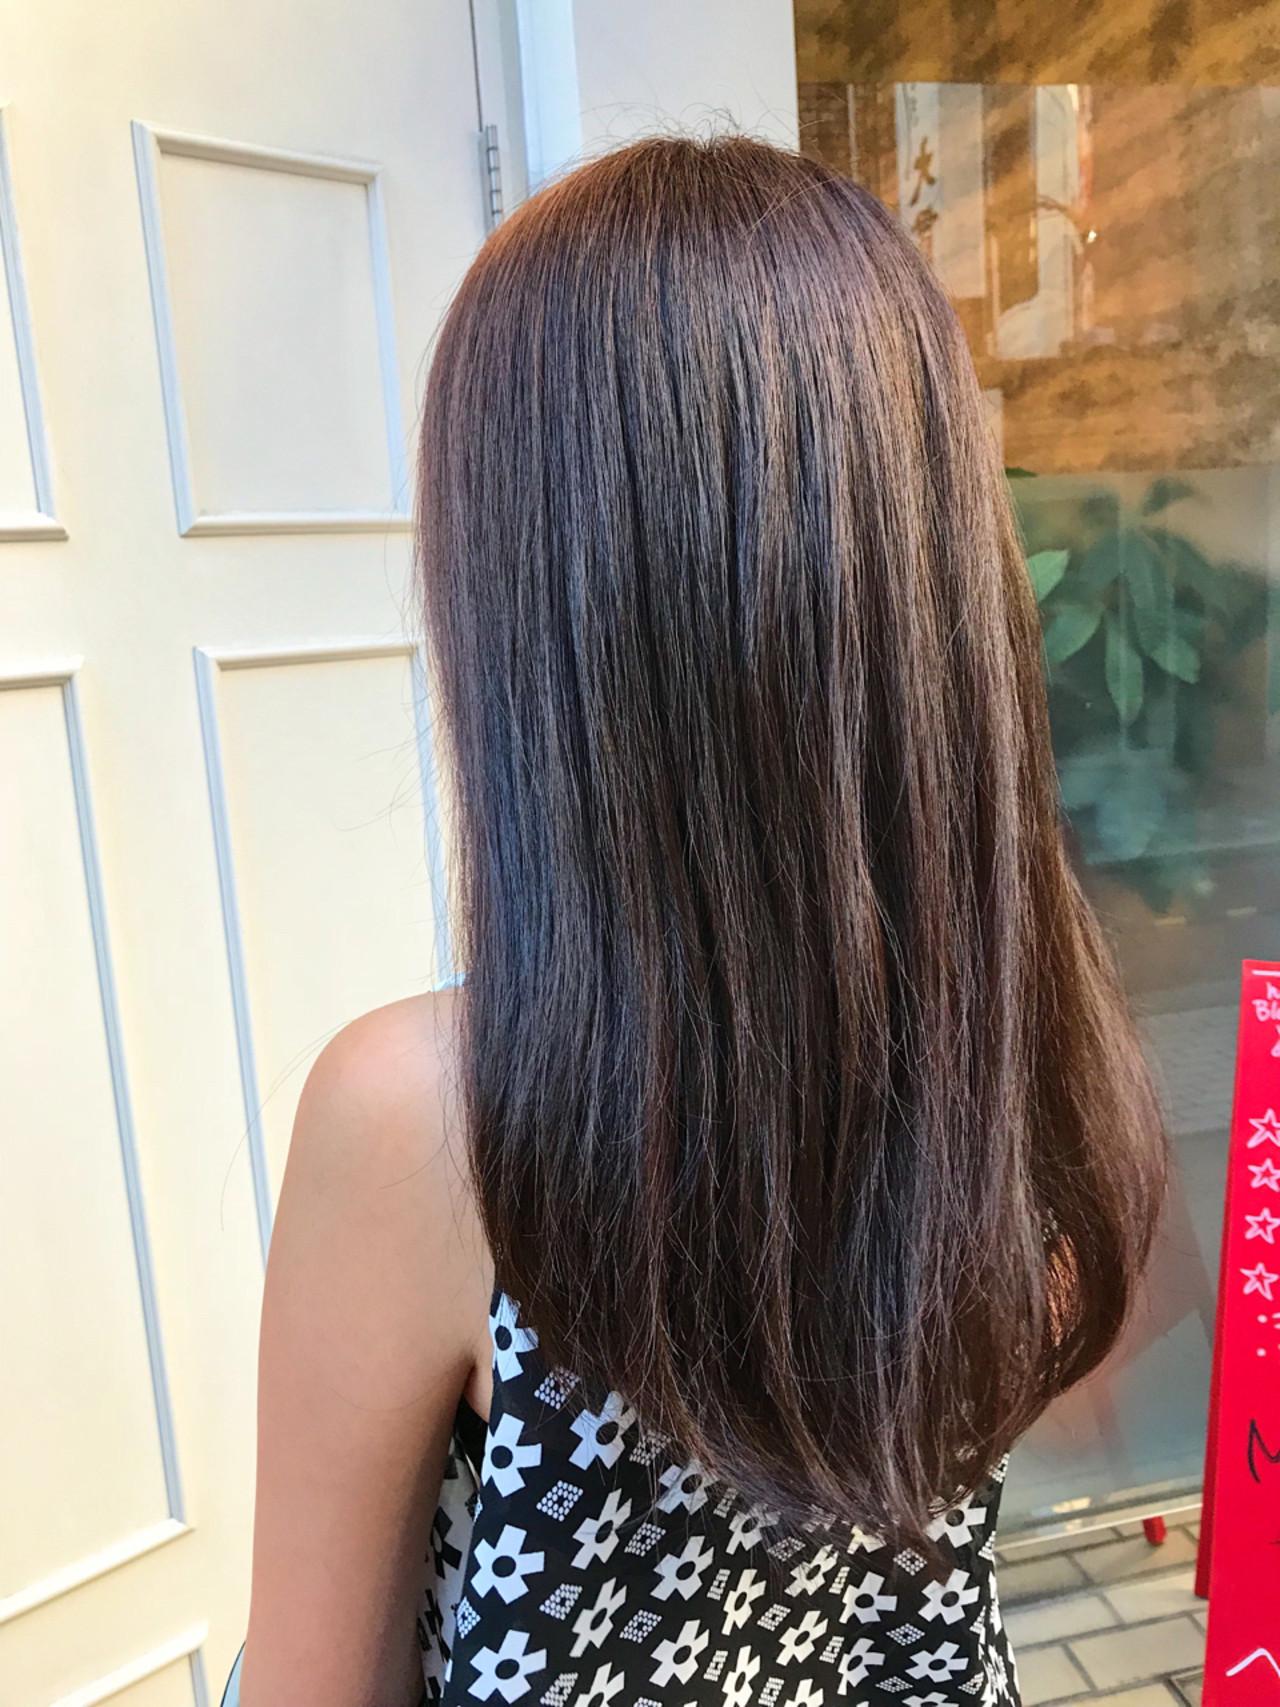 ブリーチ イルミナカラー デート ハイライト ヘアスタイルや髪型の写真・画像 | 古橋 圭史郎 / matrix